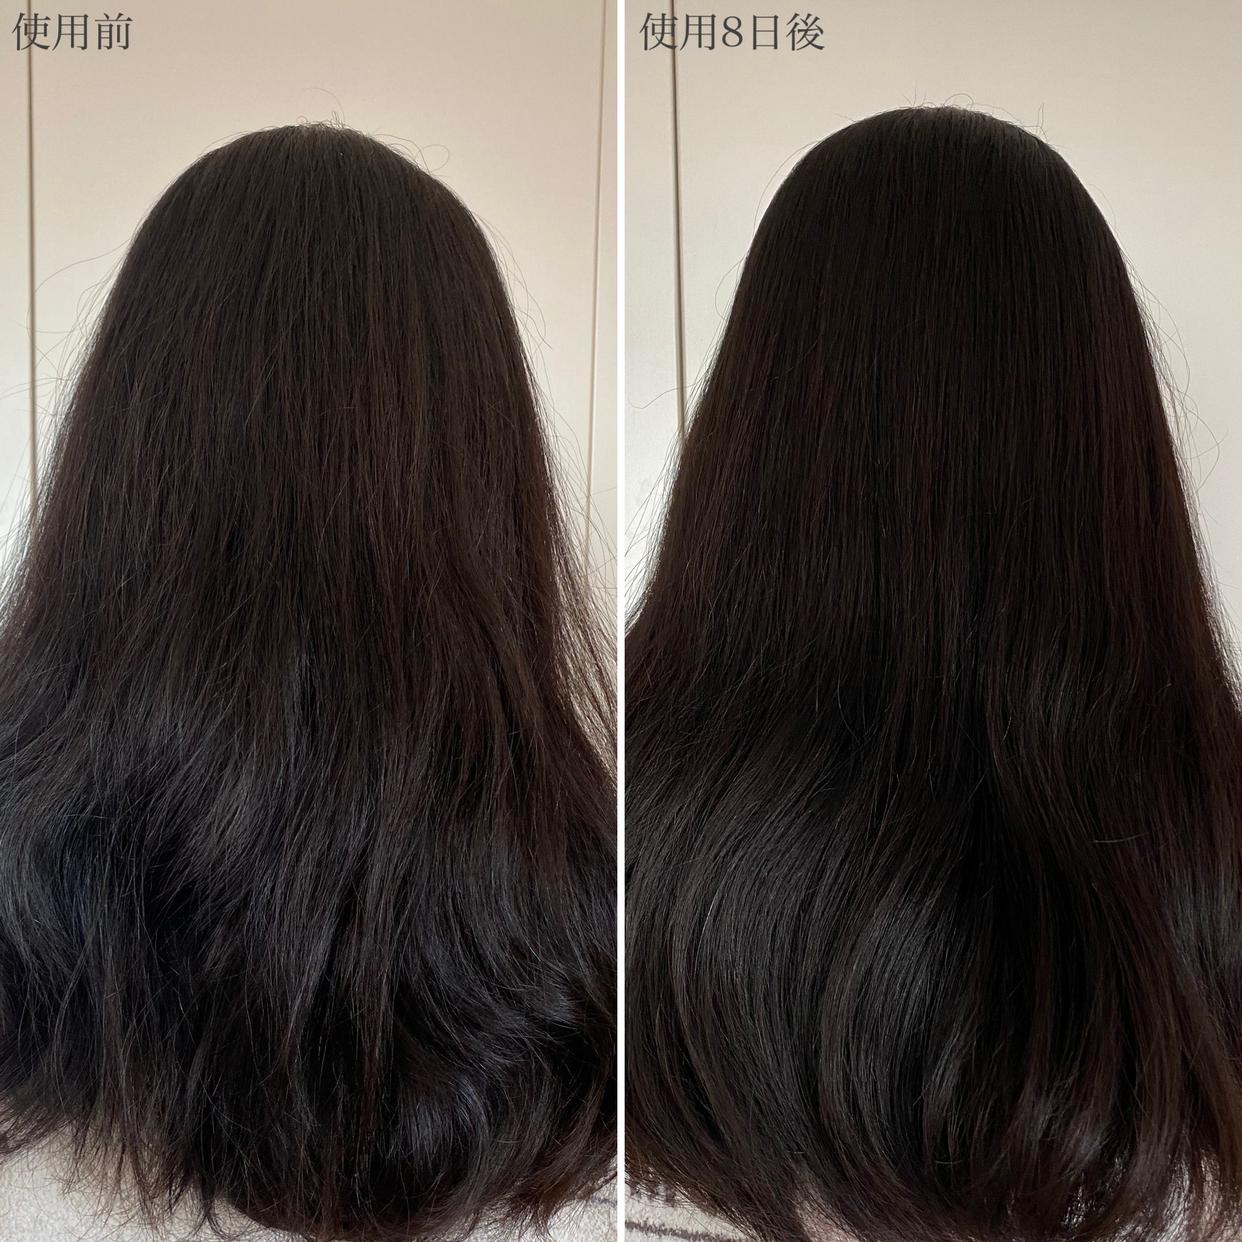 HAIR RECIPE(ヘアレシピ)和の実 つるん シャンプー/トリートメントを使ったHimachinさんのクチコミ画像6